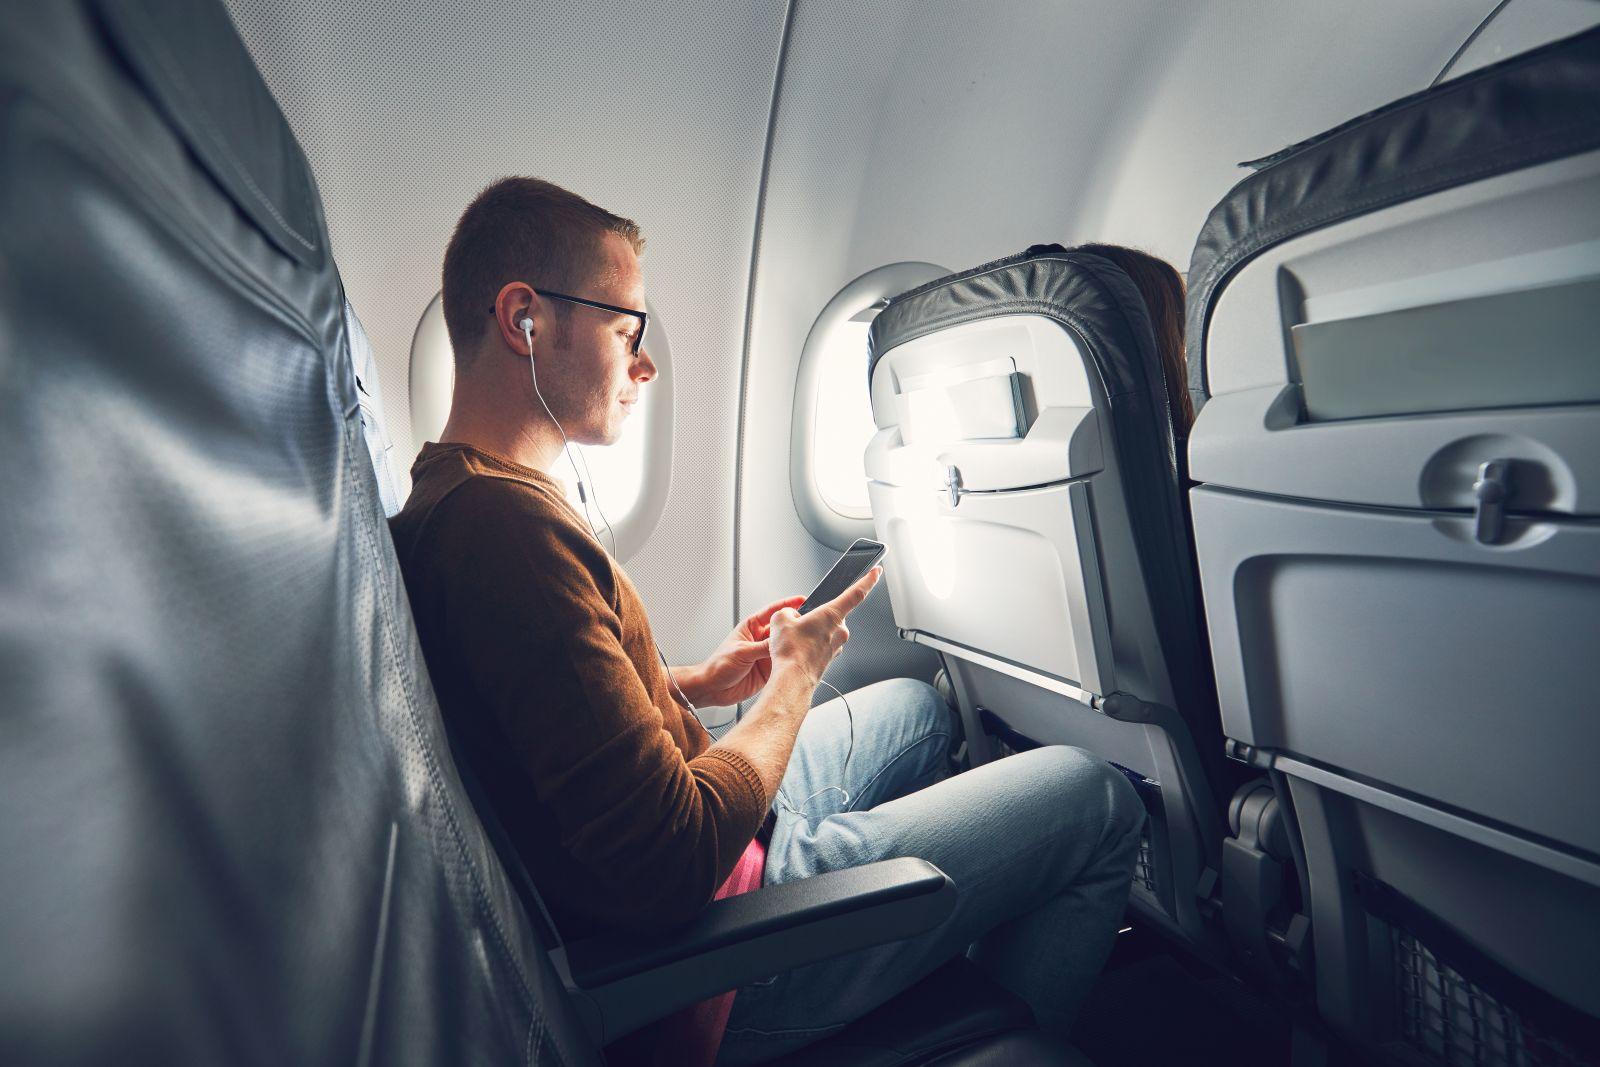 Wer regelmäßig fliegt, kennt den Hinweis vor dem Abflug, das Handy bitte nun falls noch nicht geschehen auszuschalten oder in den Flugmodus zu versetzen. Doch viele Passagiere fragen sich, ob der Hinweis denn noch aktuell ist und die Angst begründet, dass Flugzeuge durch Handystrahlung abstürzen können.